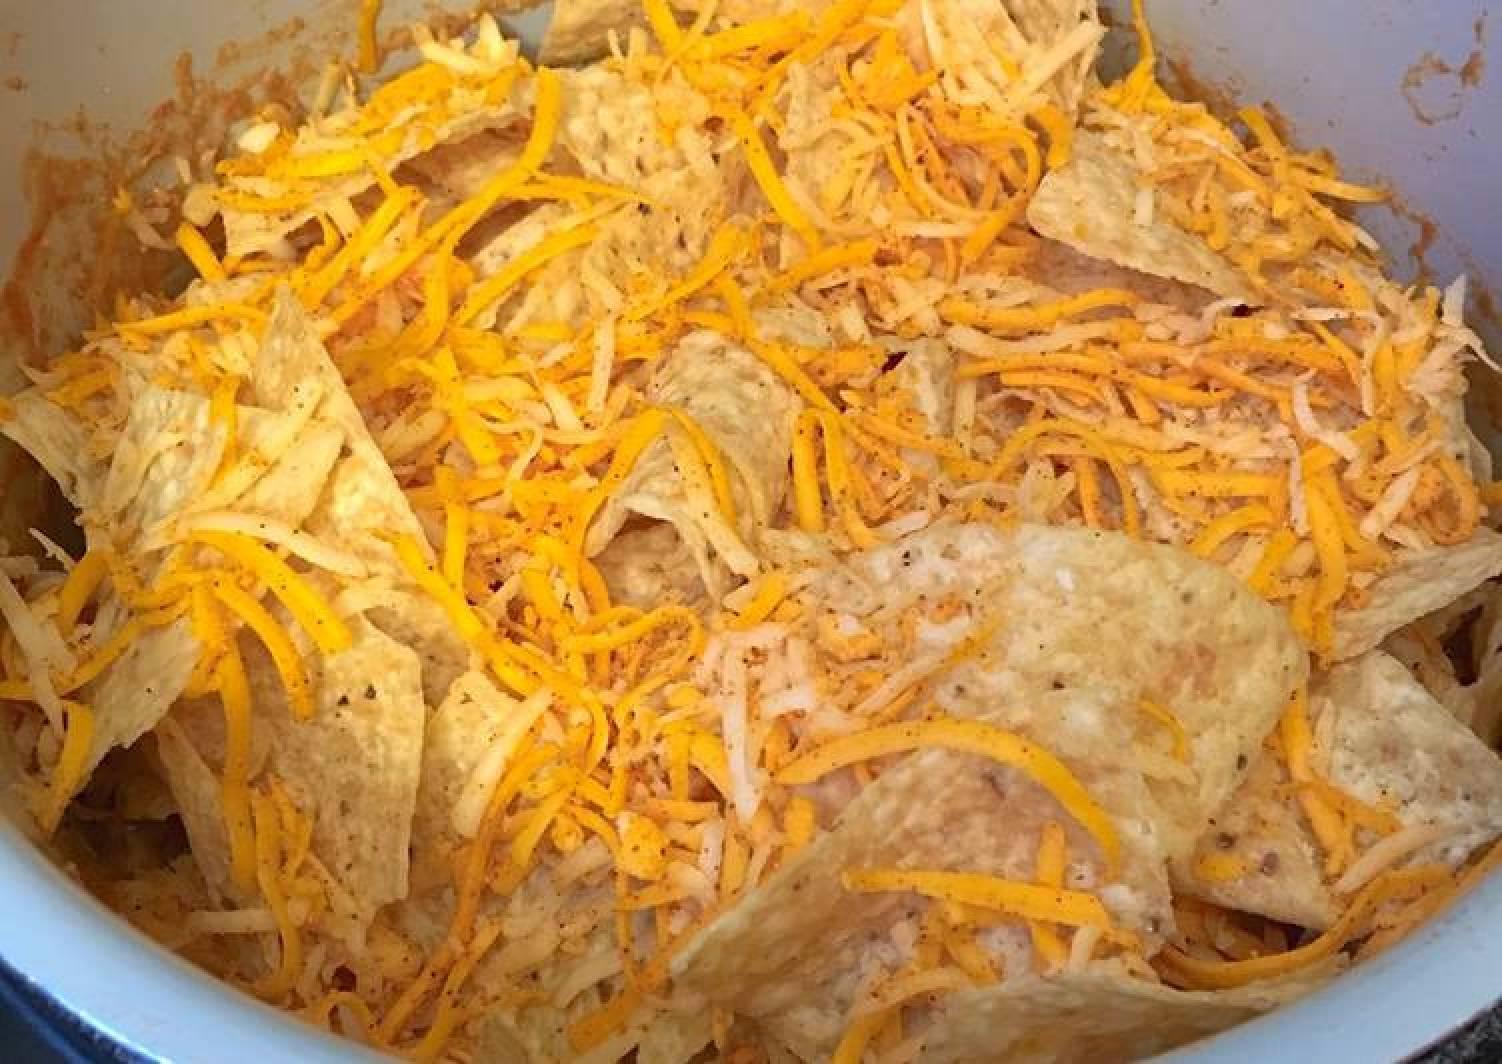 Upside down chicken nachos